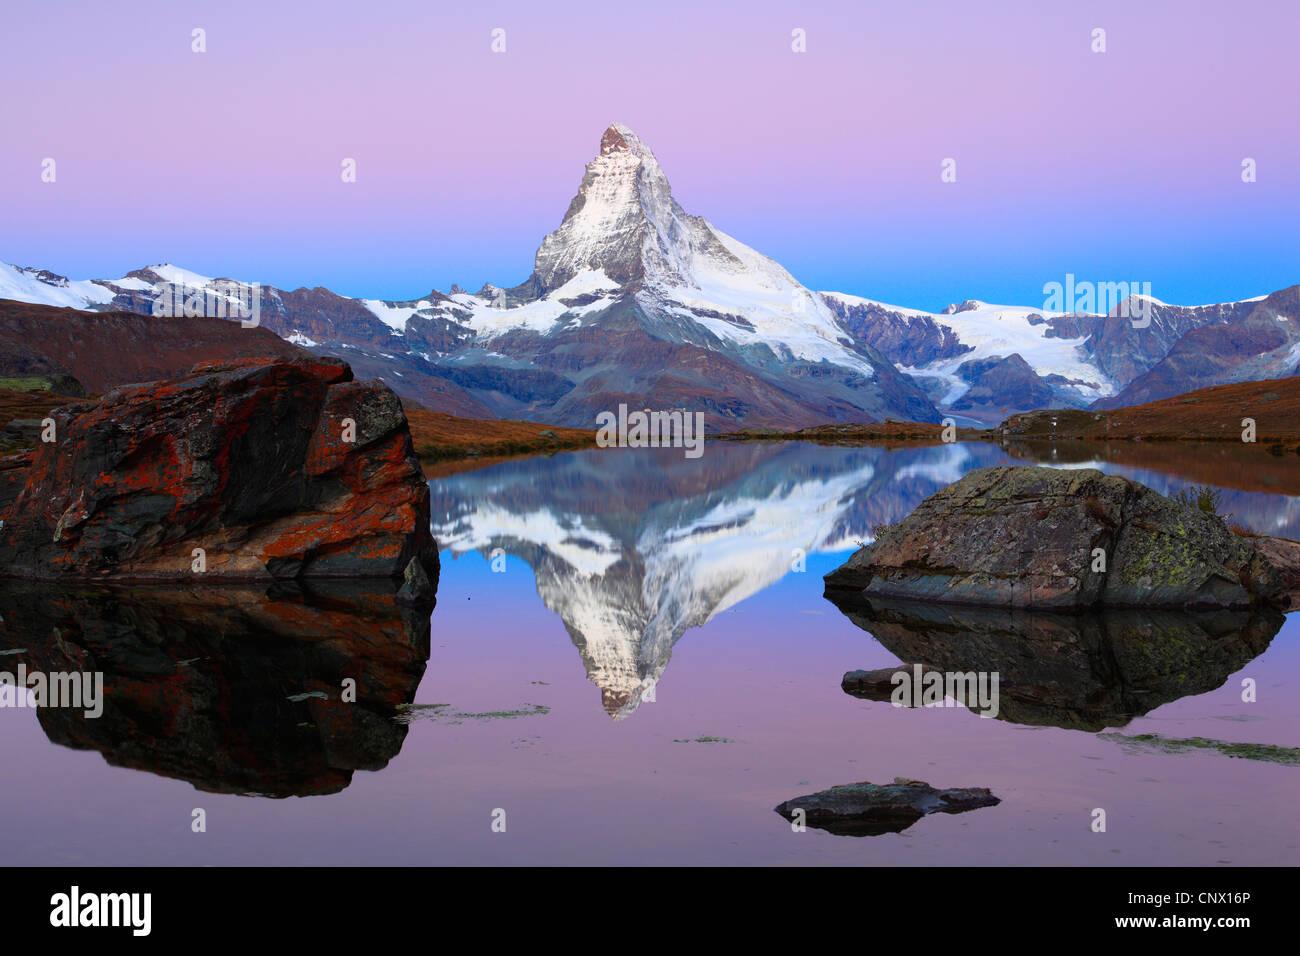 Vista sul Cervino da un lago di montagna, Svizzera Vallese Immagini Stock